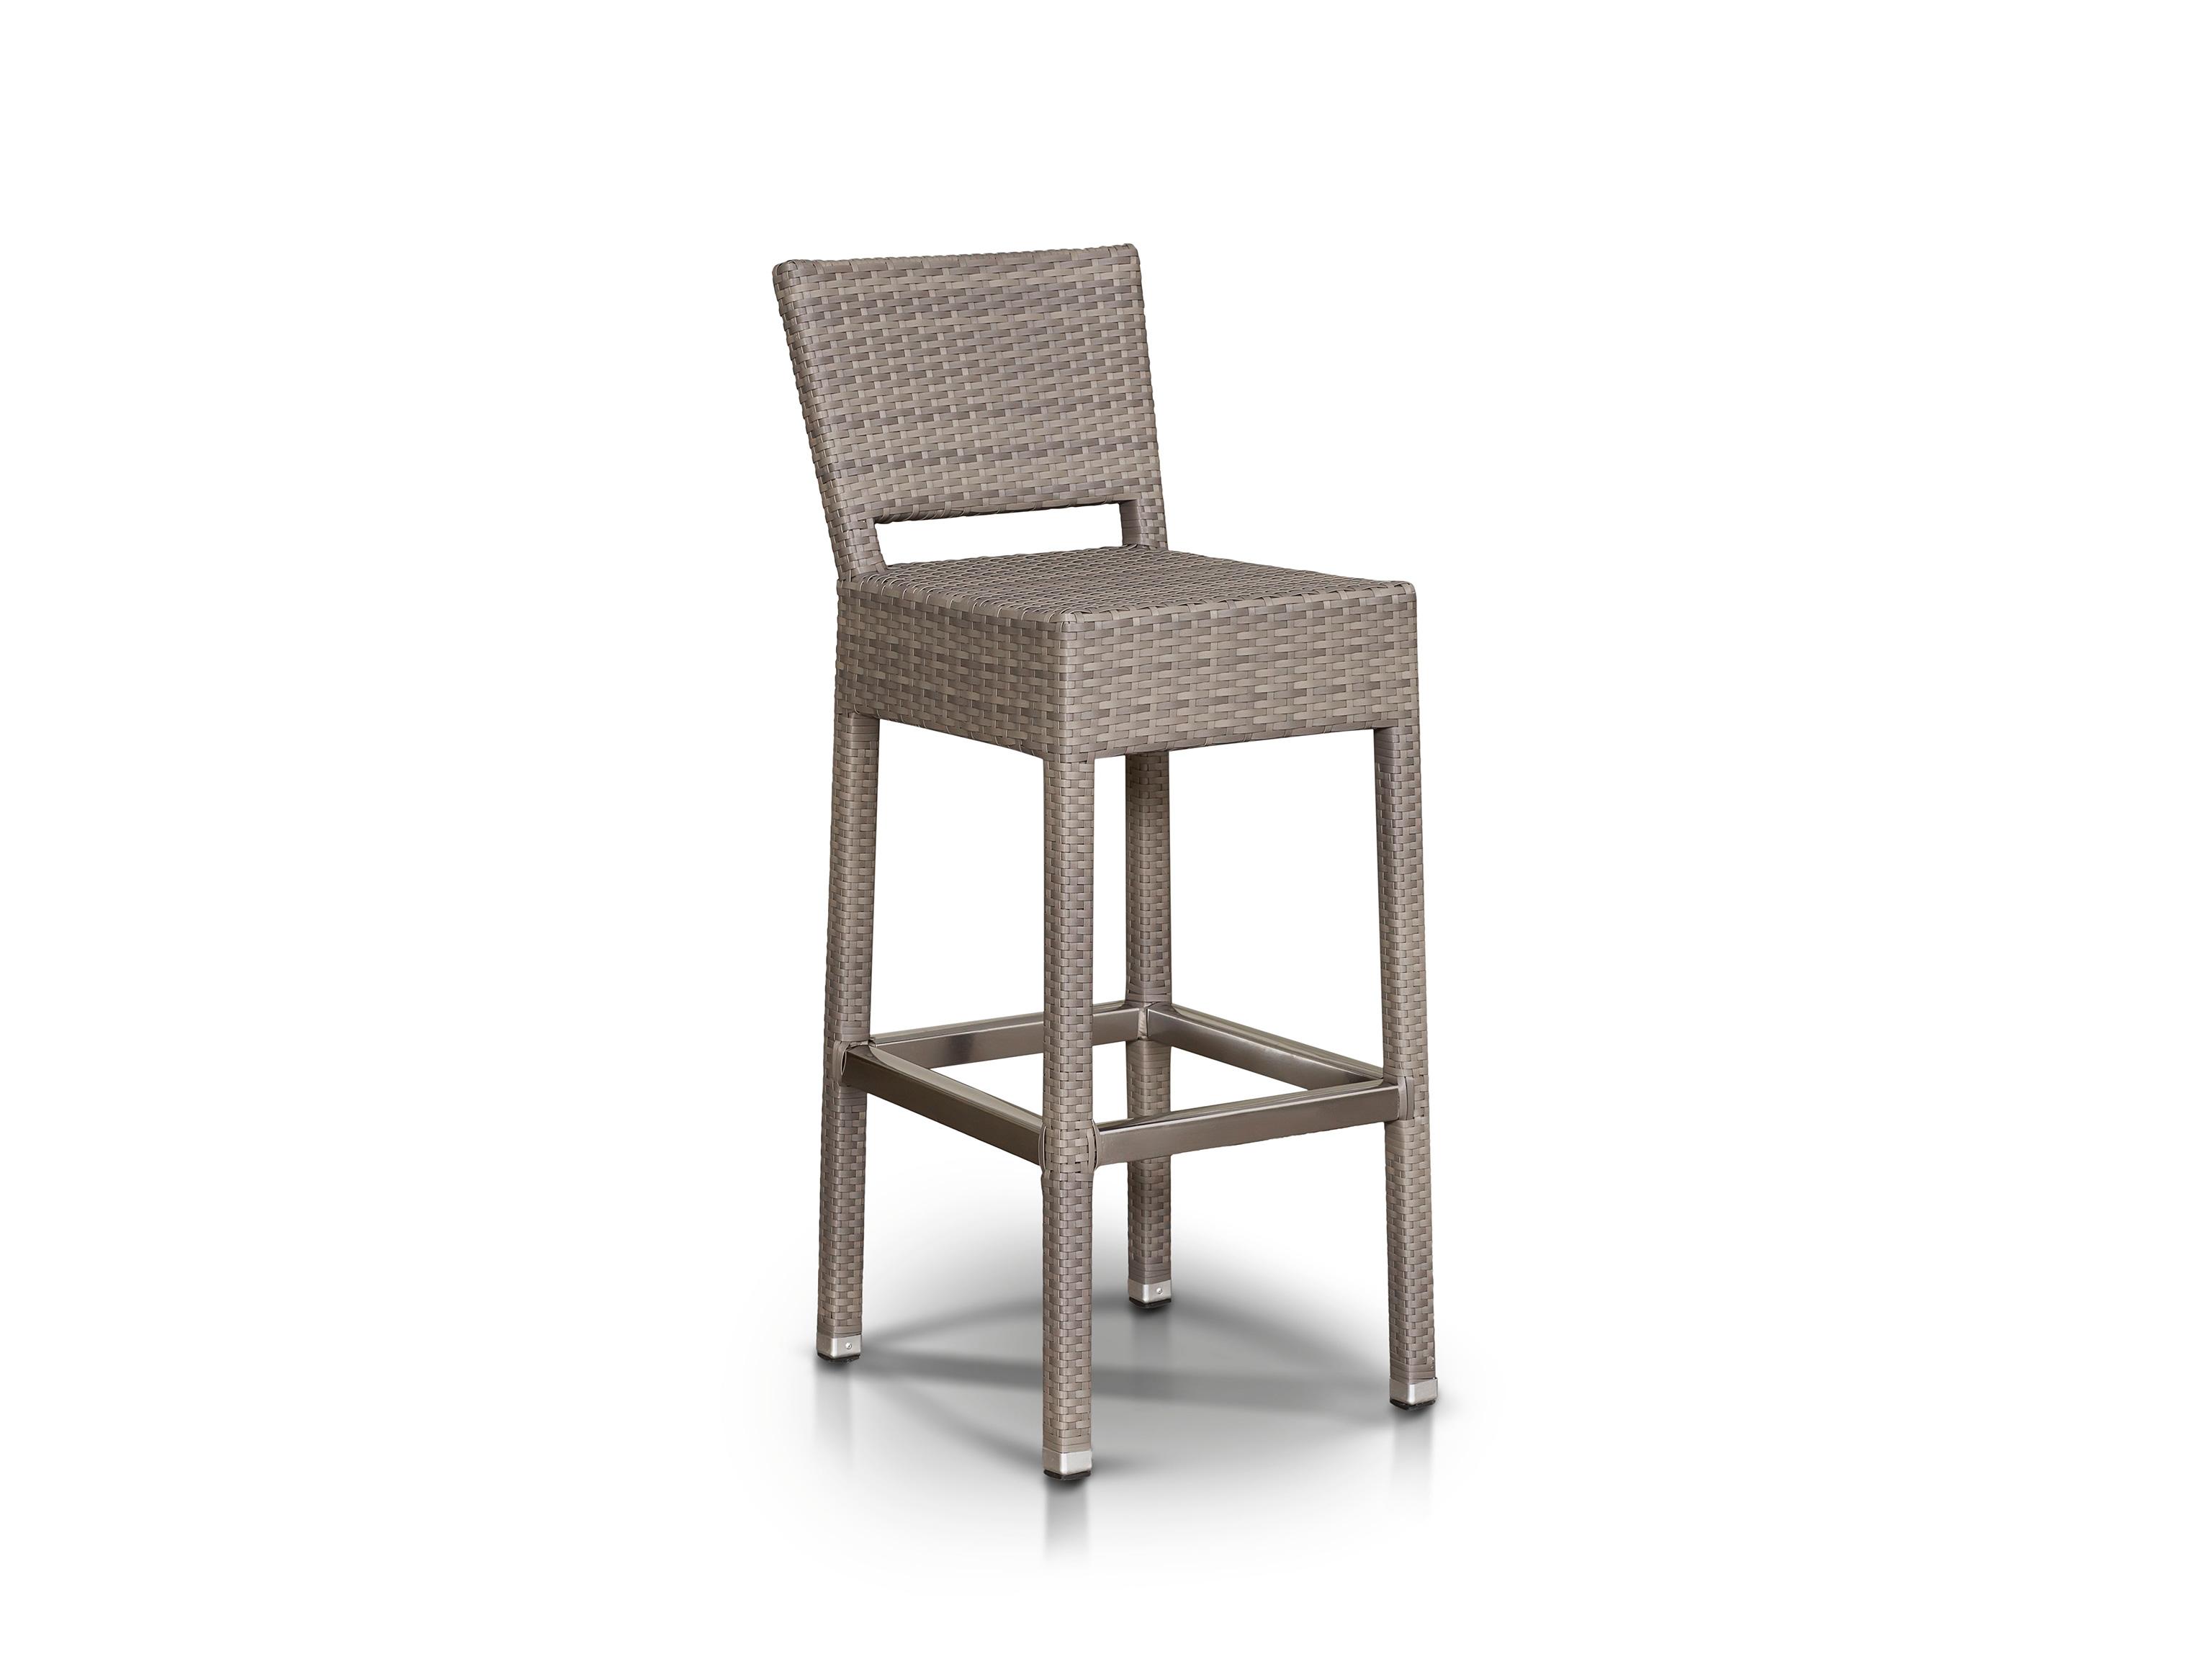 Стул барного комплекта СтрезаСтулья для улицы<br>Барный комплект на 4 персоны, стол со столешницей из тика, алюминиевый каркас.<br><br>Общую стоимость комплекта уточняйте у менеджера.<br><br>Material: Ротанг<br>Length см: 43.0<br>Width см: 53.0<br>Depth см: None<br>Height см: 104.0<br>Diameter см: None